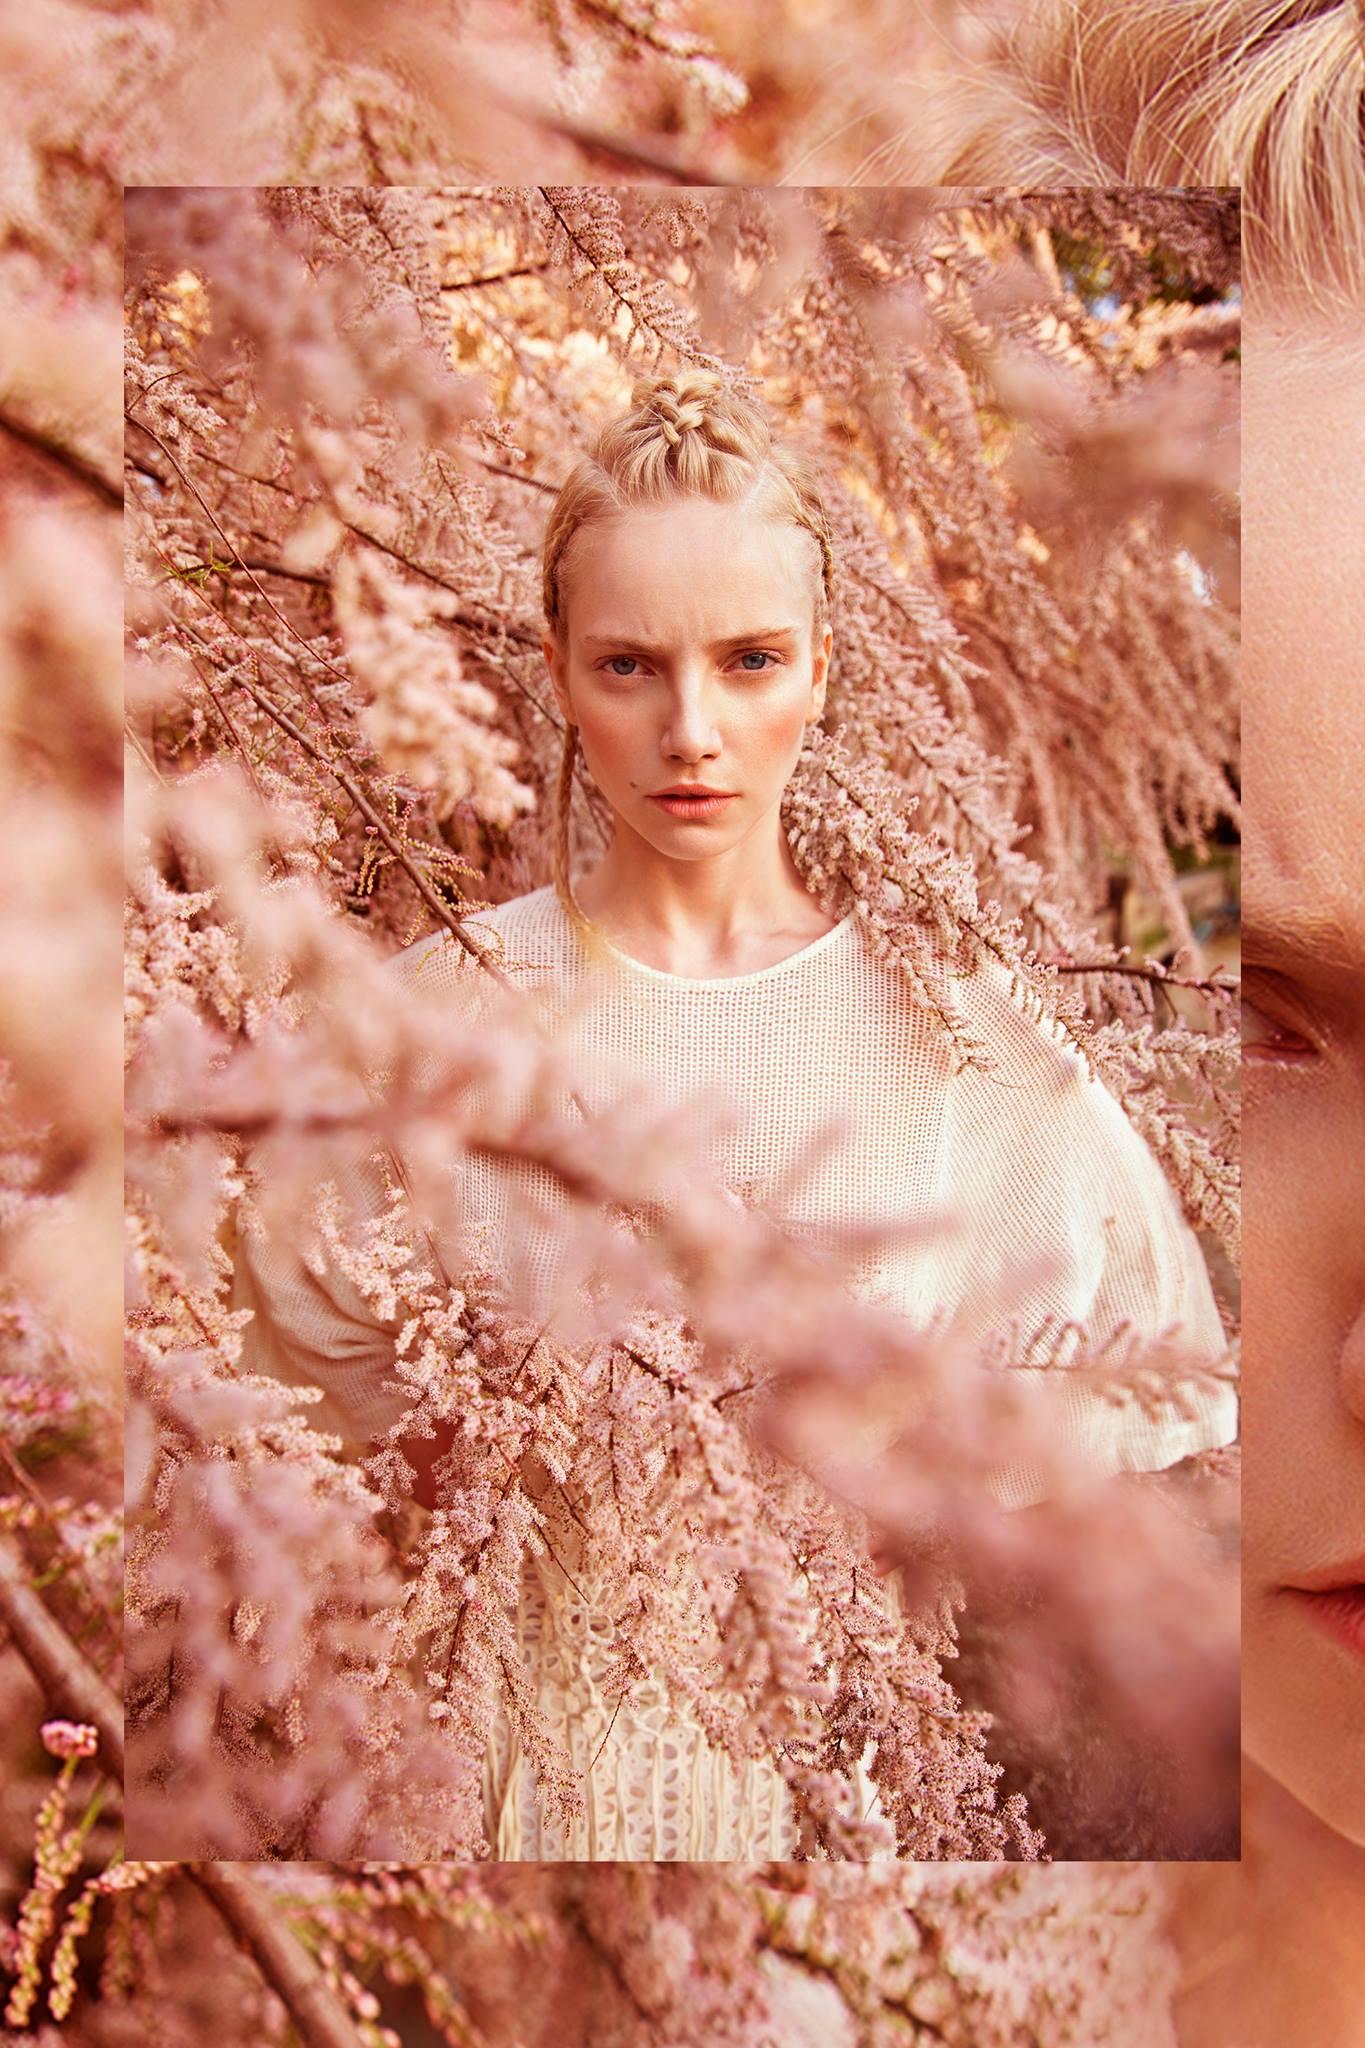 wu-xian-fashion-photography-photography-of-china-6.jpg